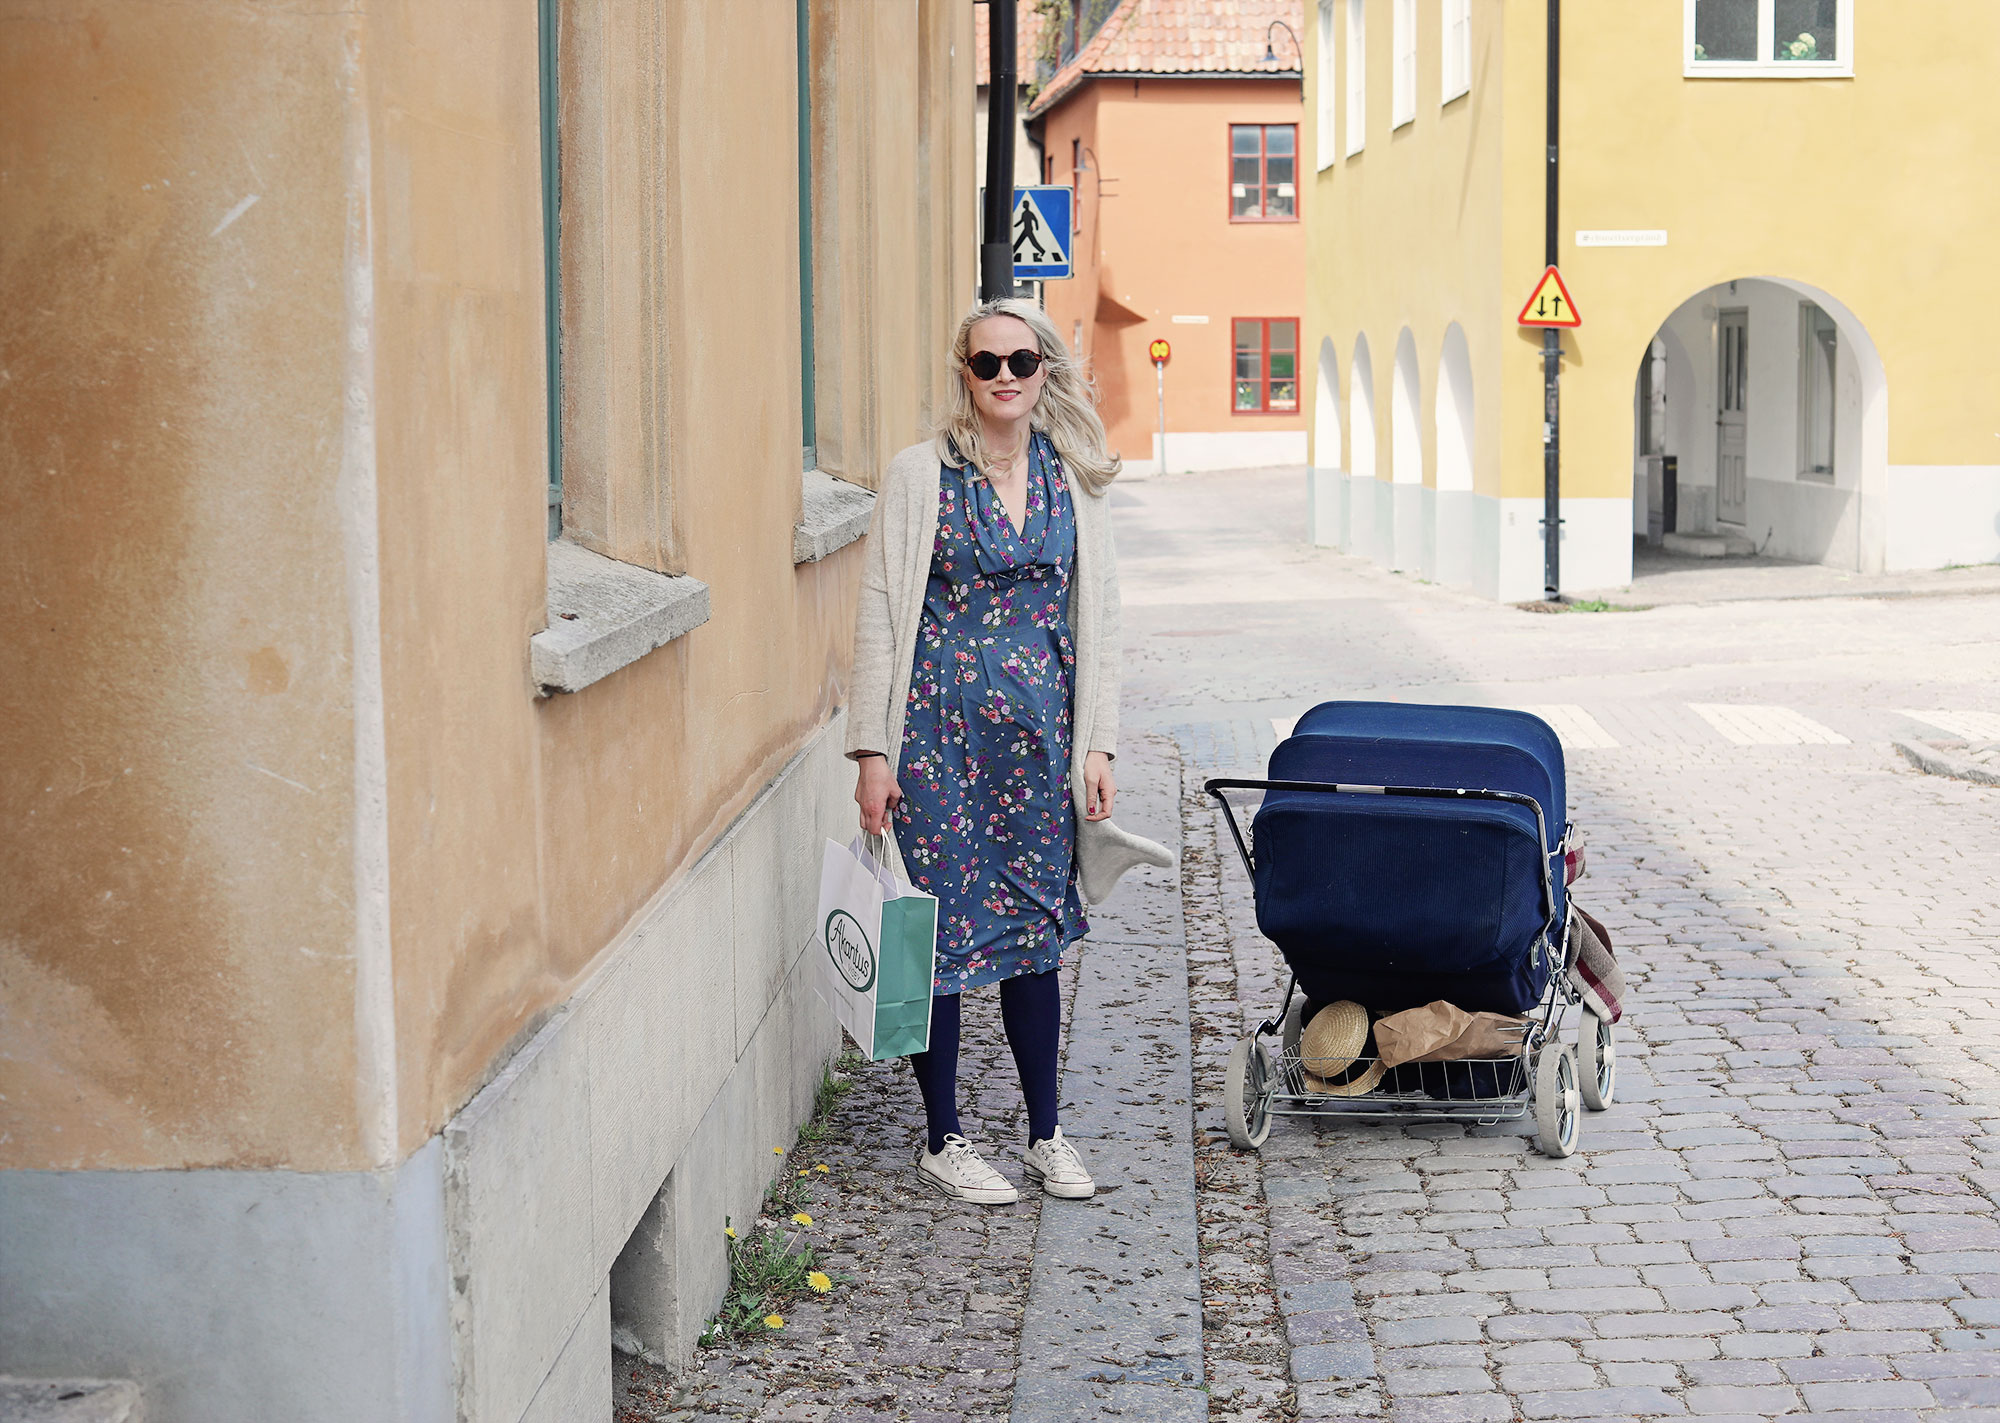 visby gotland emma Sundh blommig klänning barnvagn